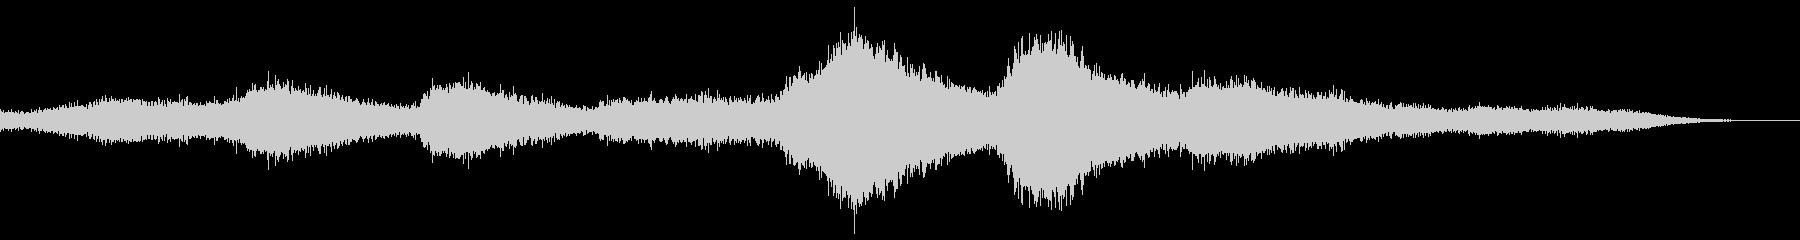 【ダークアンビエント】ホラーBGM_01の未再生の波形